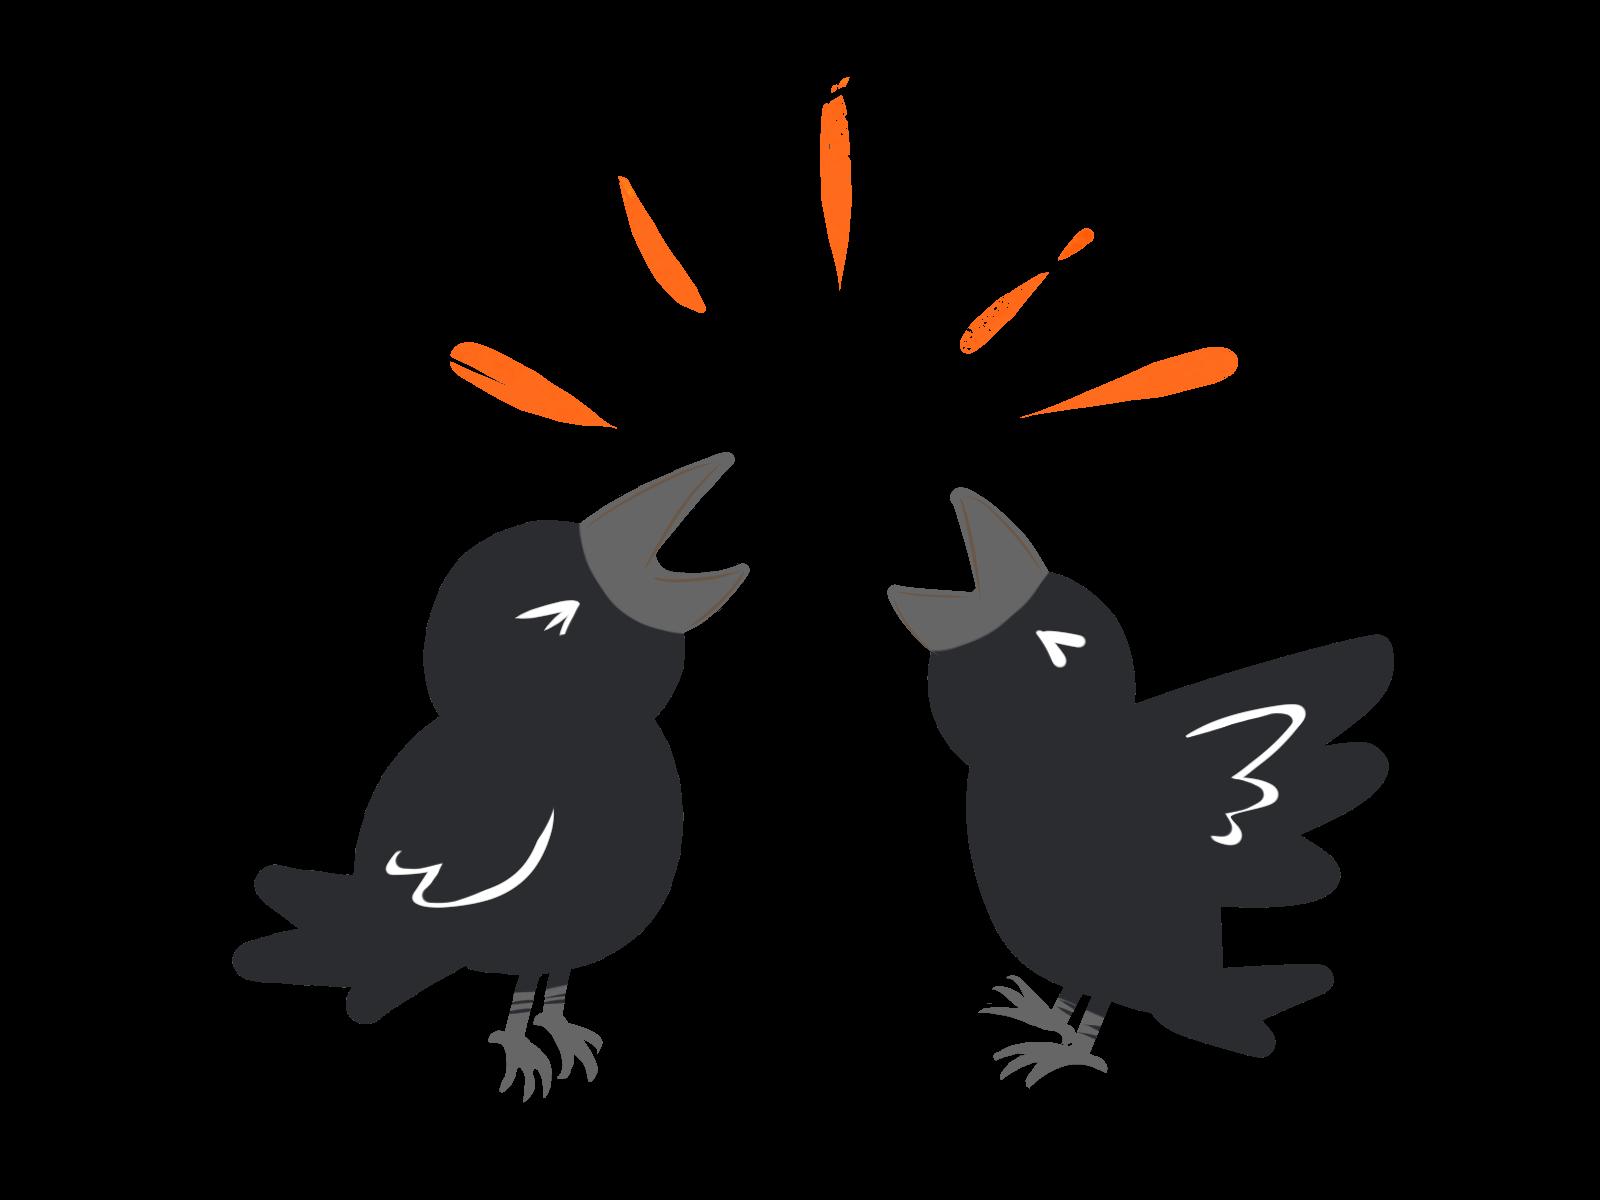 【オノマトペ】カーカーの意味と例文